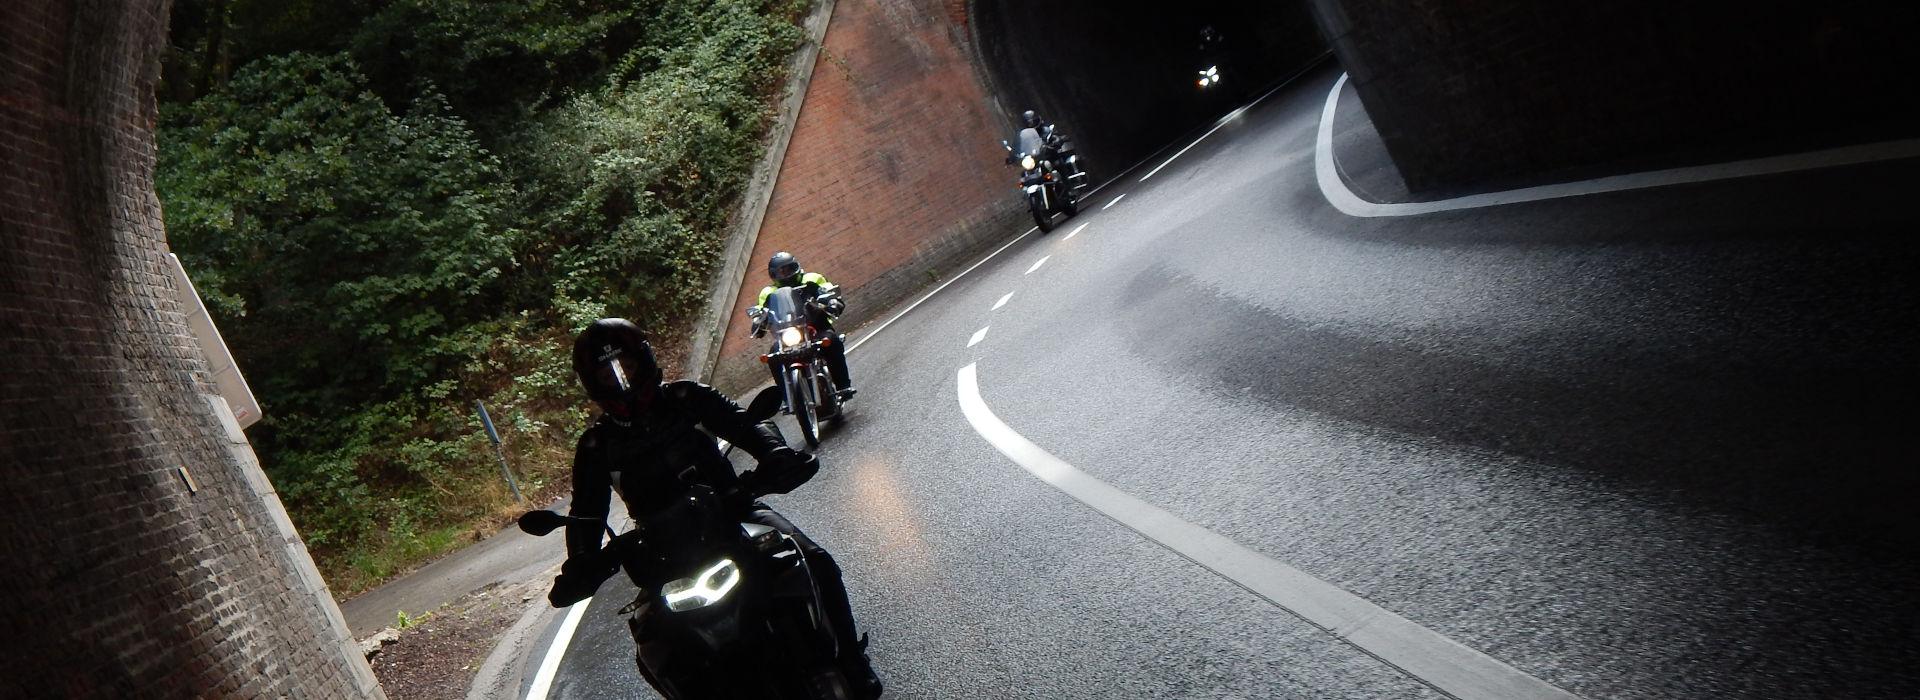 Motorrijbewijspoint Oudenbosch motorrijlessen